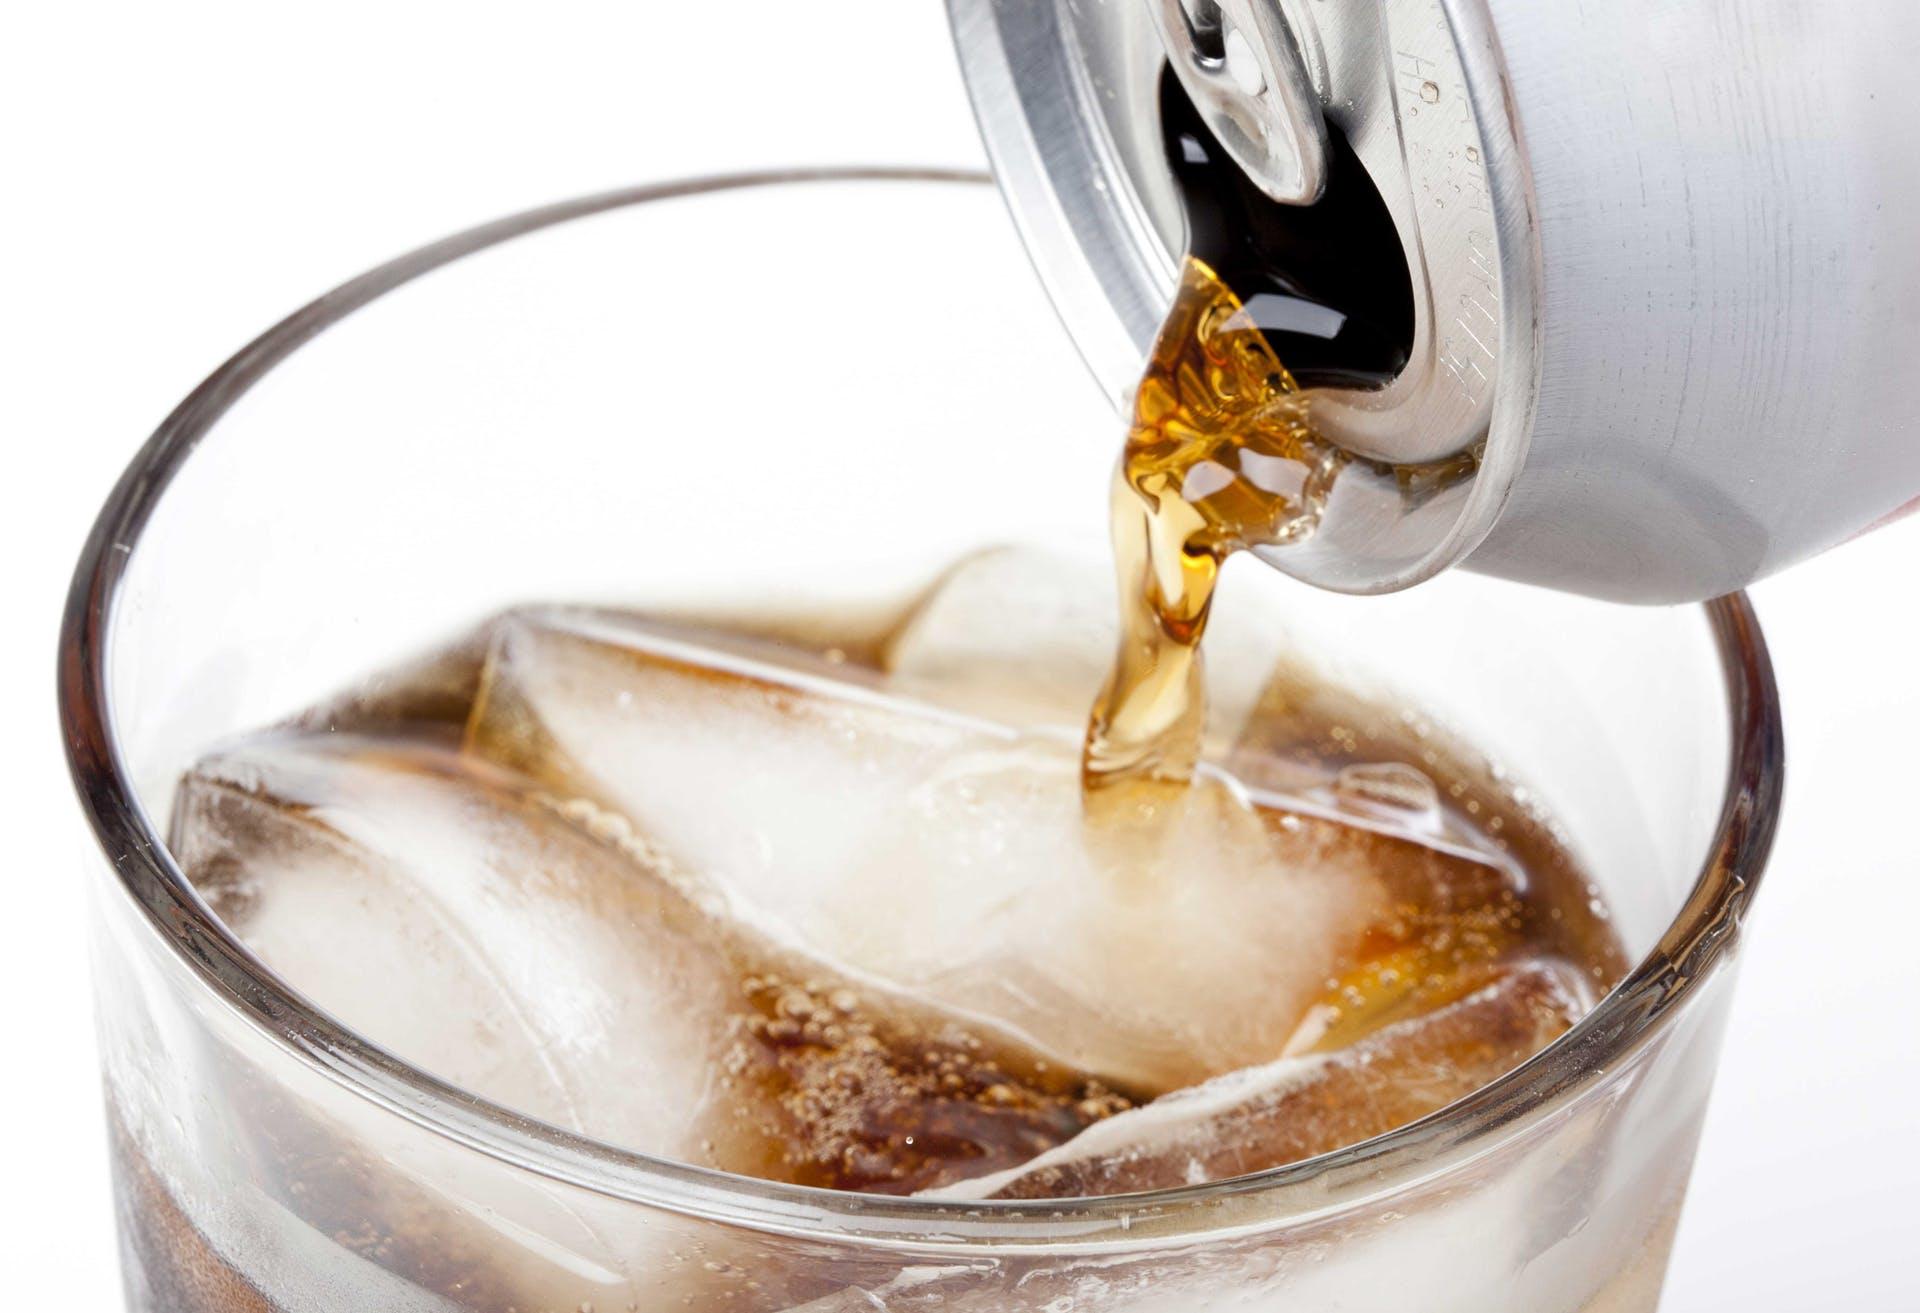 Almindelig eller light sodavand: Hvad skal du vælge?